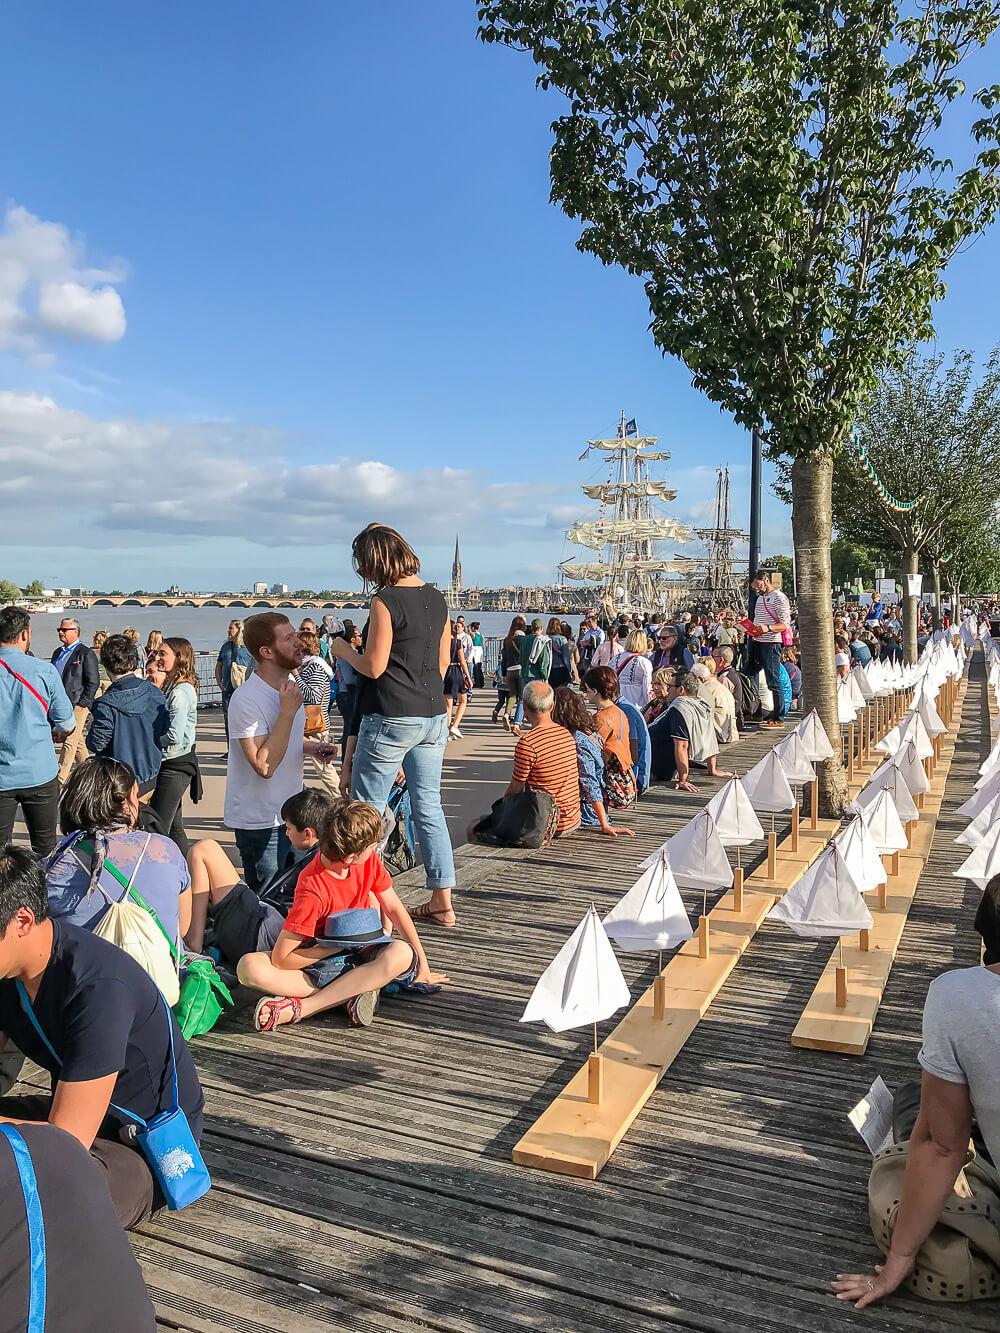 Entspanntes Treiben auf dem Weinfest in Bordeaux